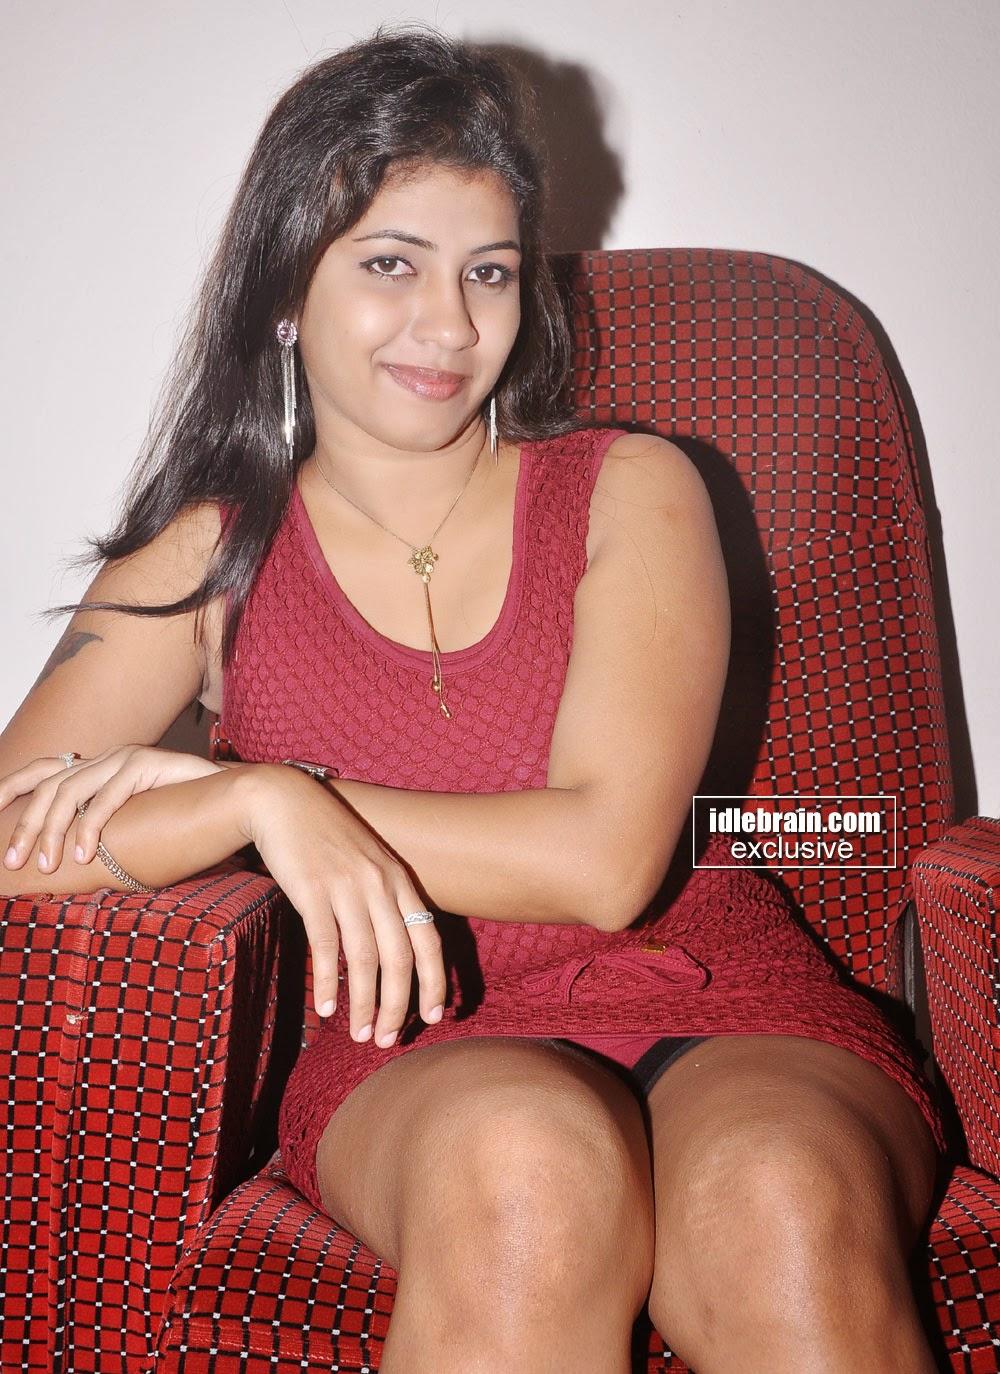 Geethanjali panty black